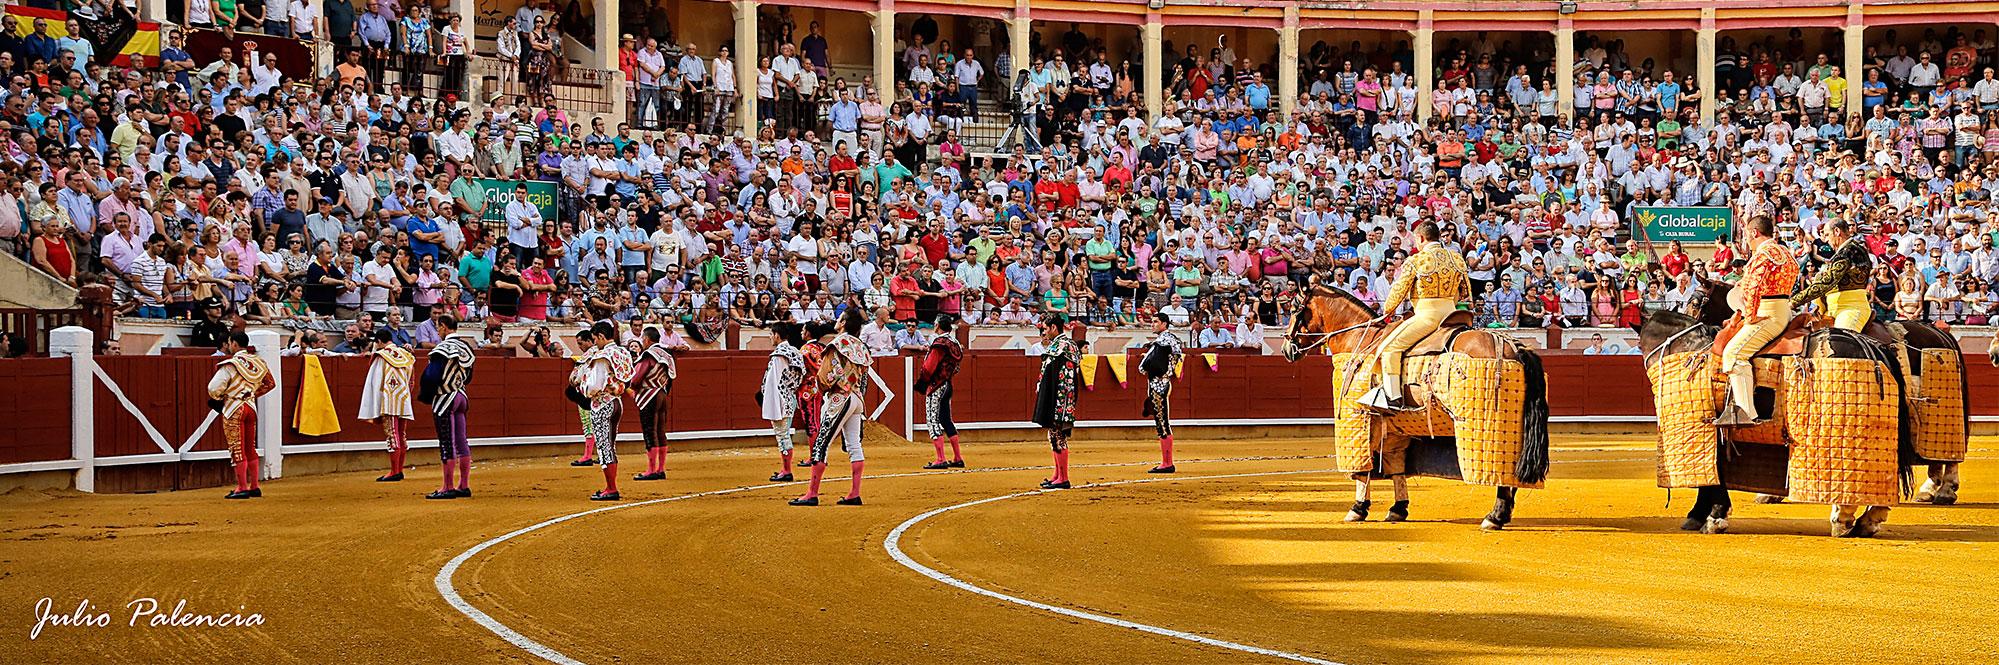 Maxitoro. Plaza de Toros de Cuenca